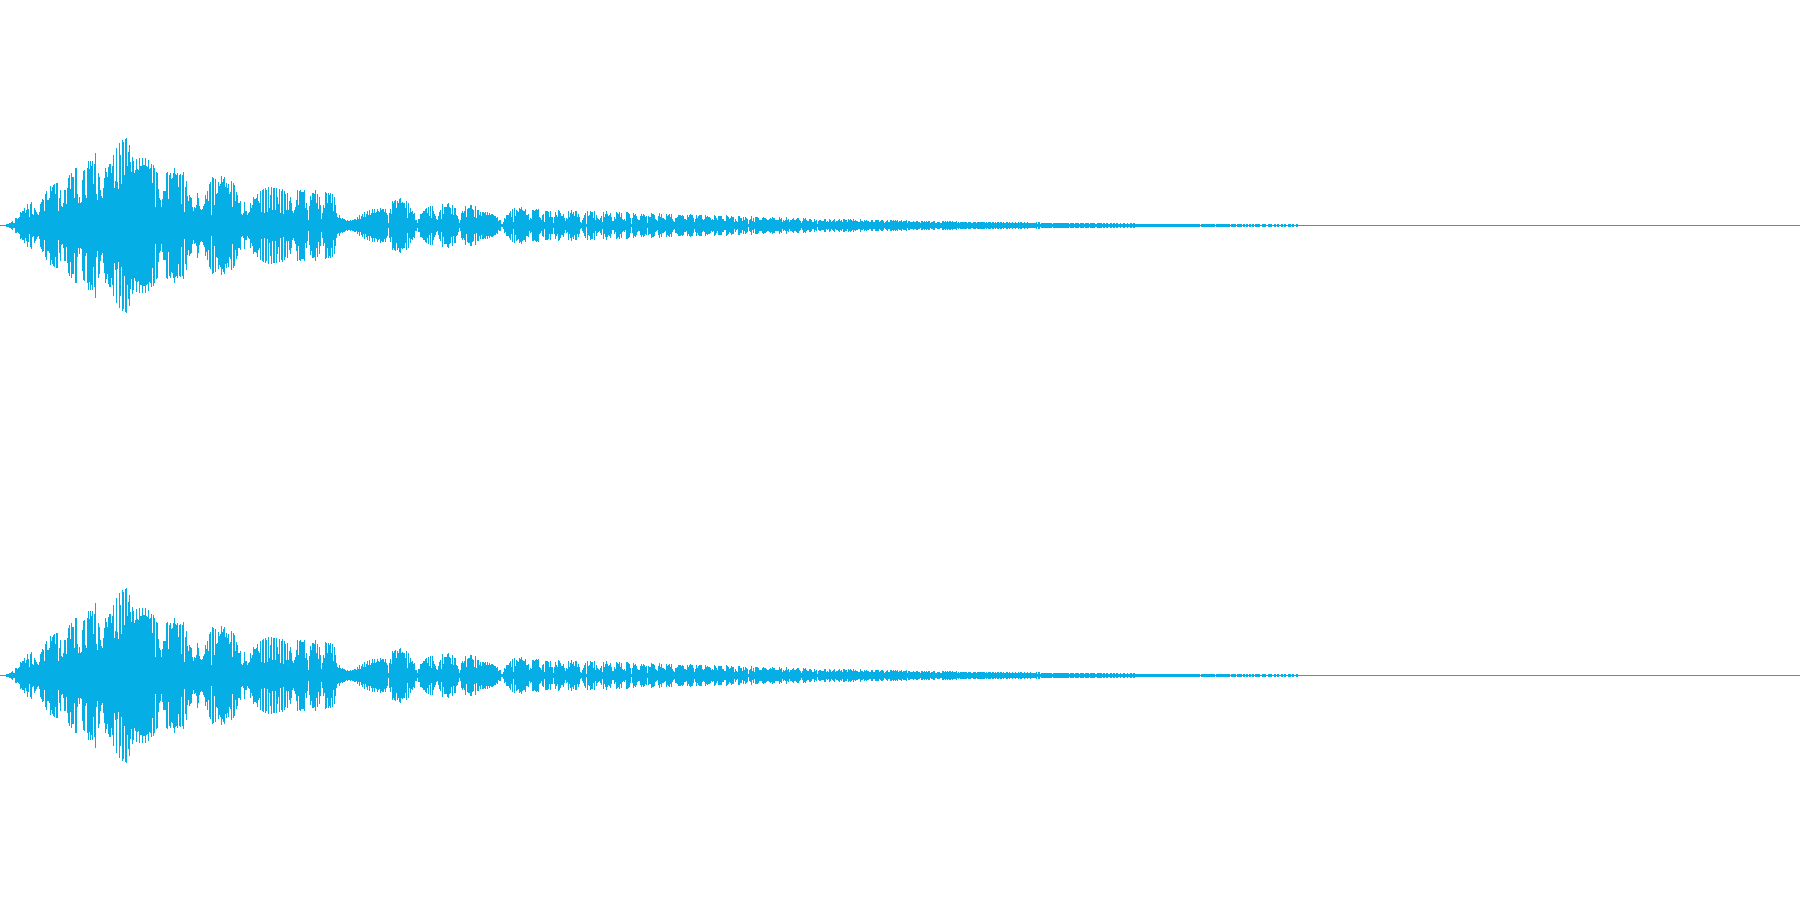 魔法、状態異常などに使える効果音_2の再生済みの波形